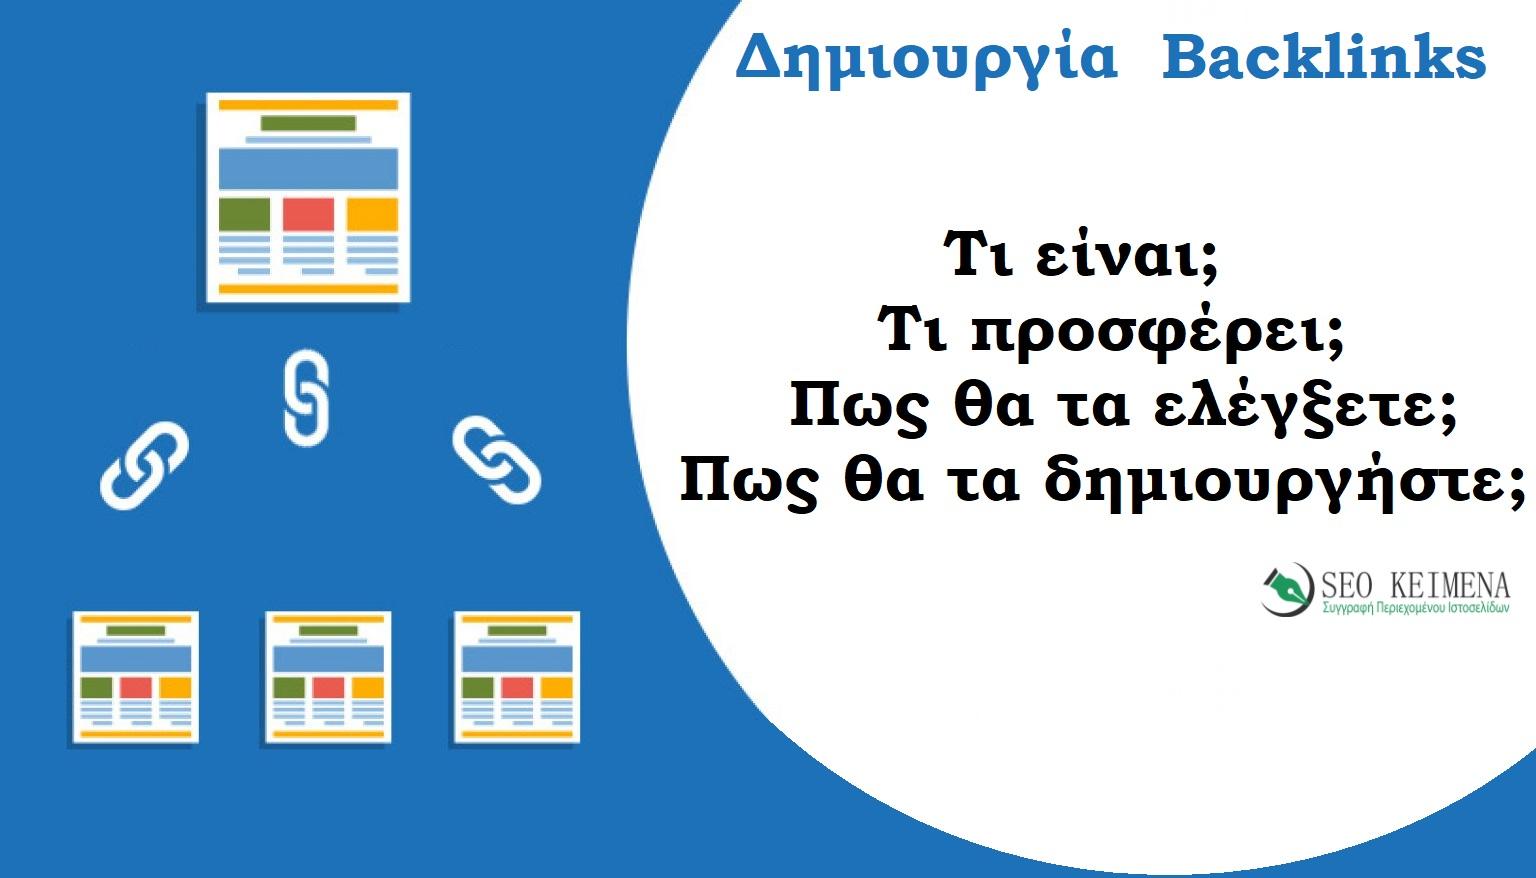 Δημιουργία backlinks ιστοσελίδας